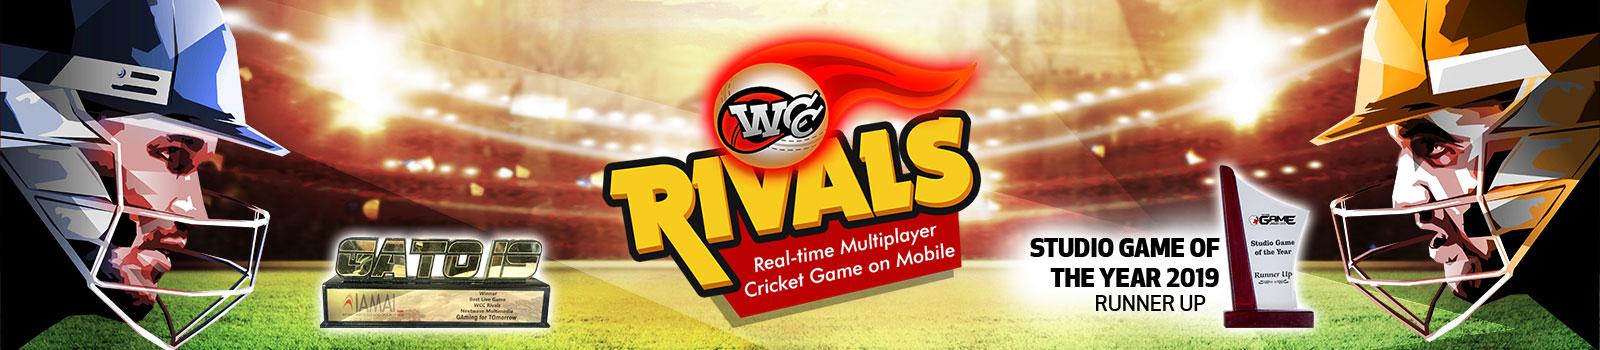 rivals-banner